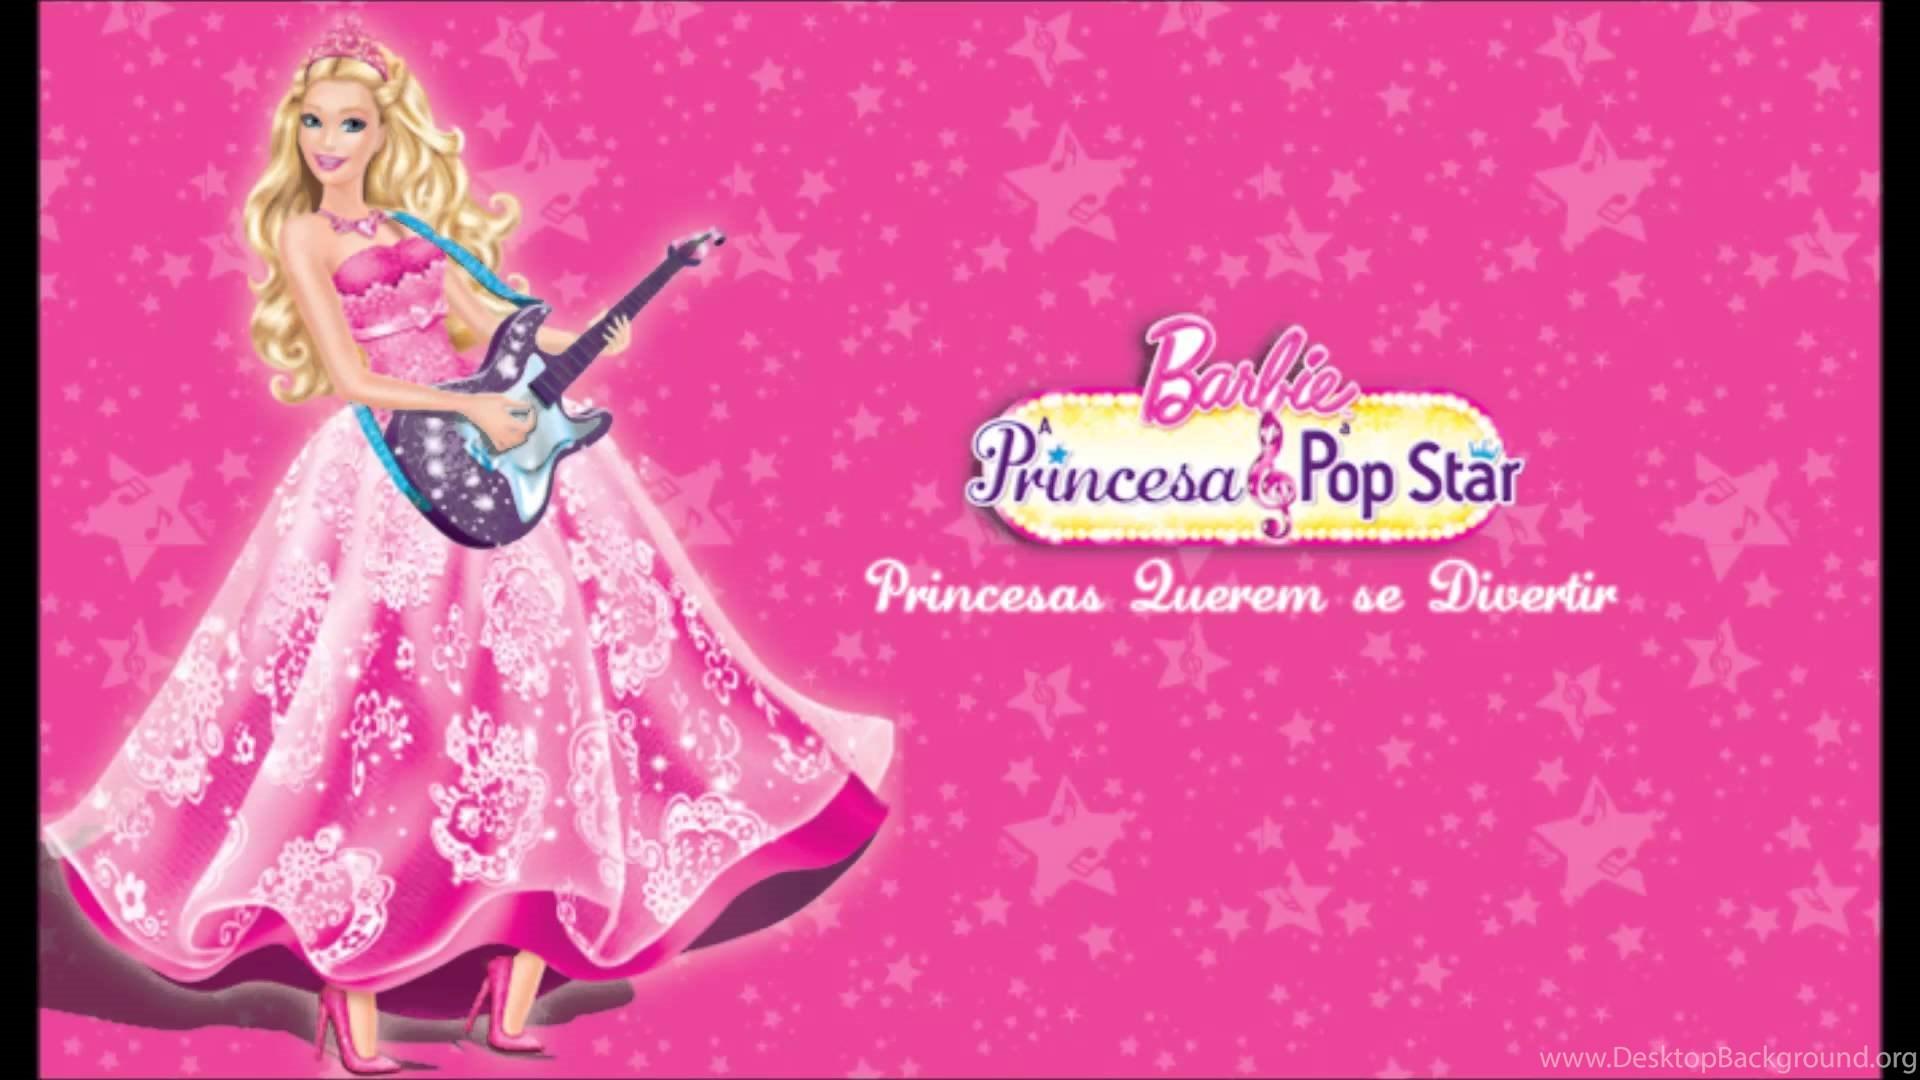 Barbie a princesa e a popstar princesas querem se divertir youtube popular altavistaventures Choice Image